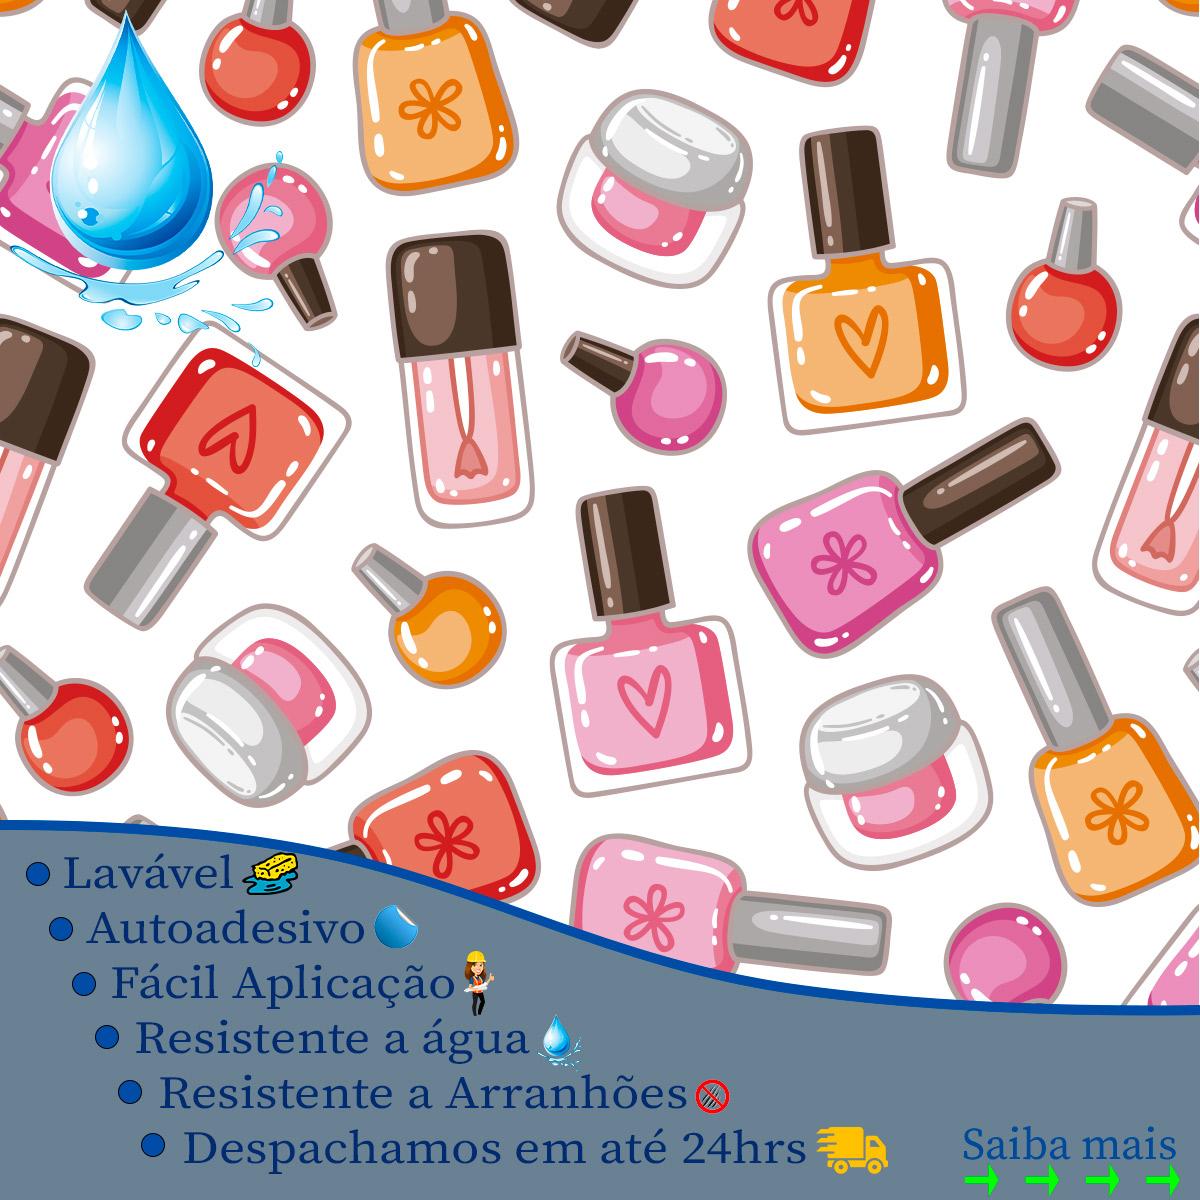 Papel de Parede Esmalteria Esmaltes Coloridos Adesivo